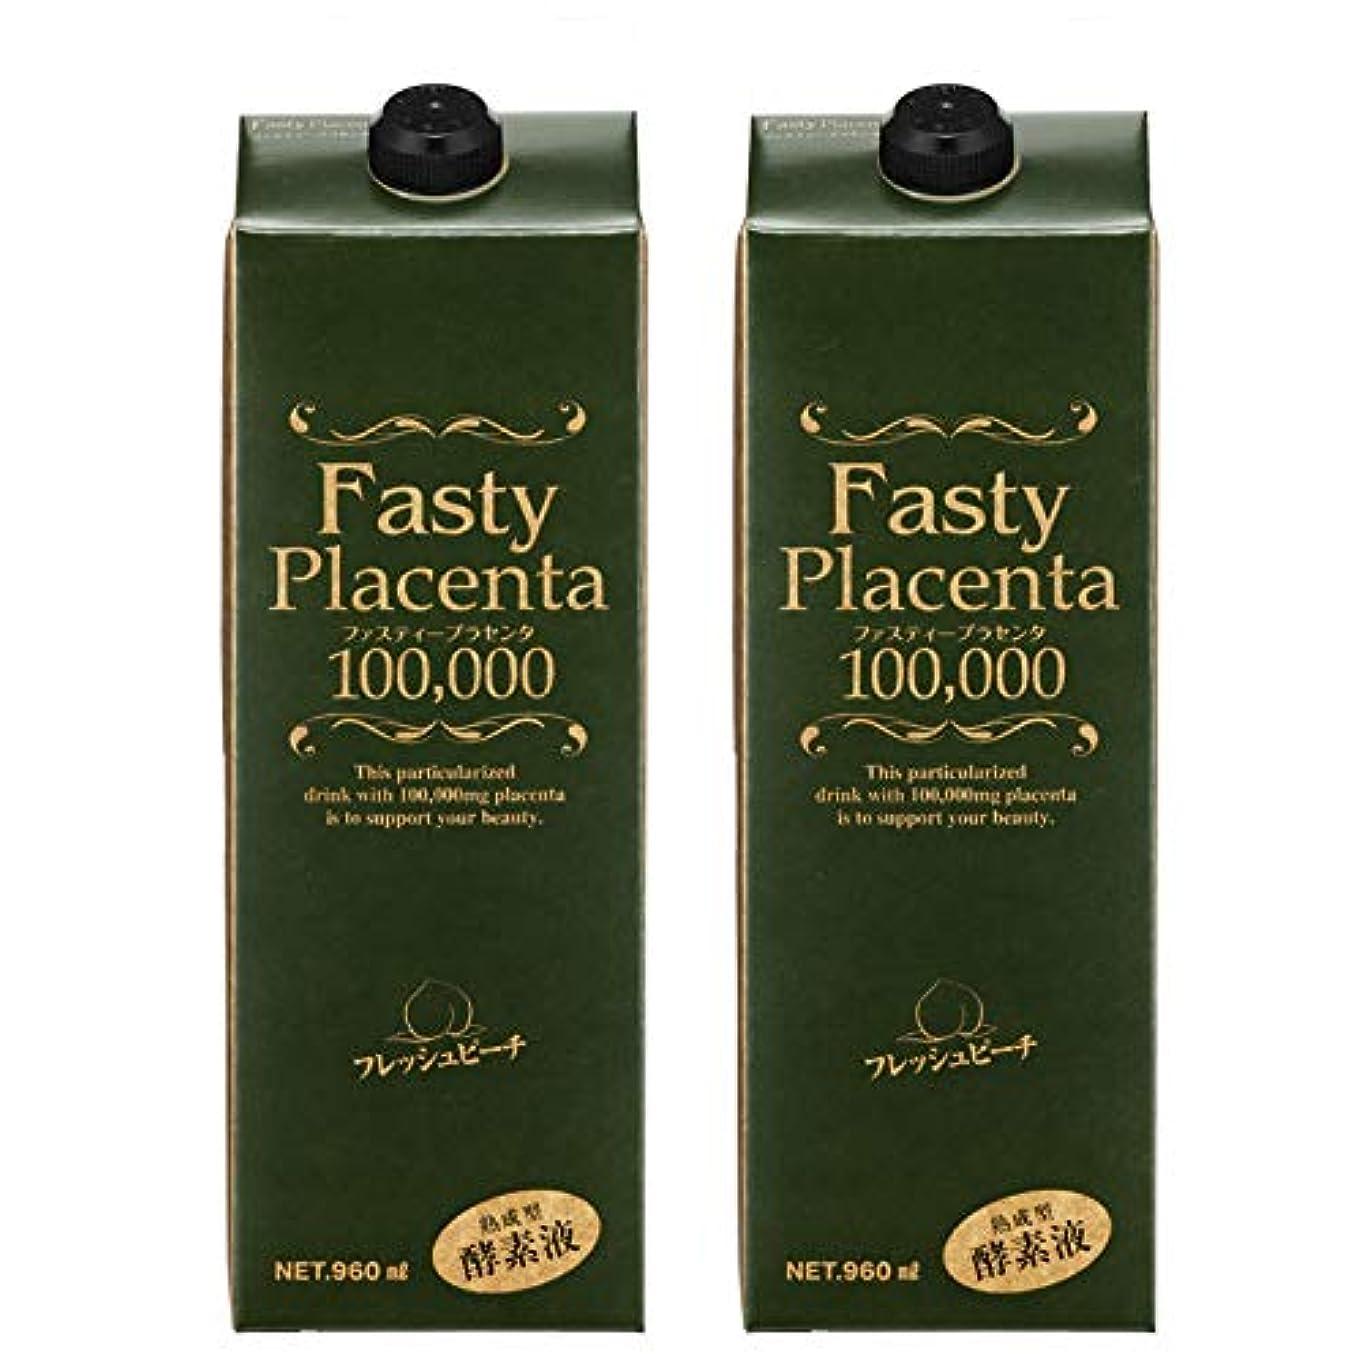 田舎カナダスカリーファスティープラセンタ100,000 増量パック(フレッシュピーチ味) 2本